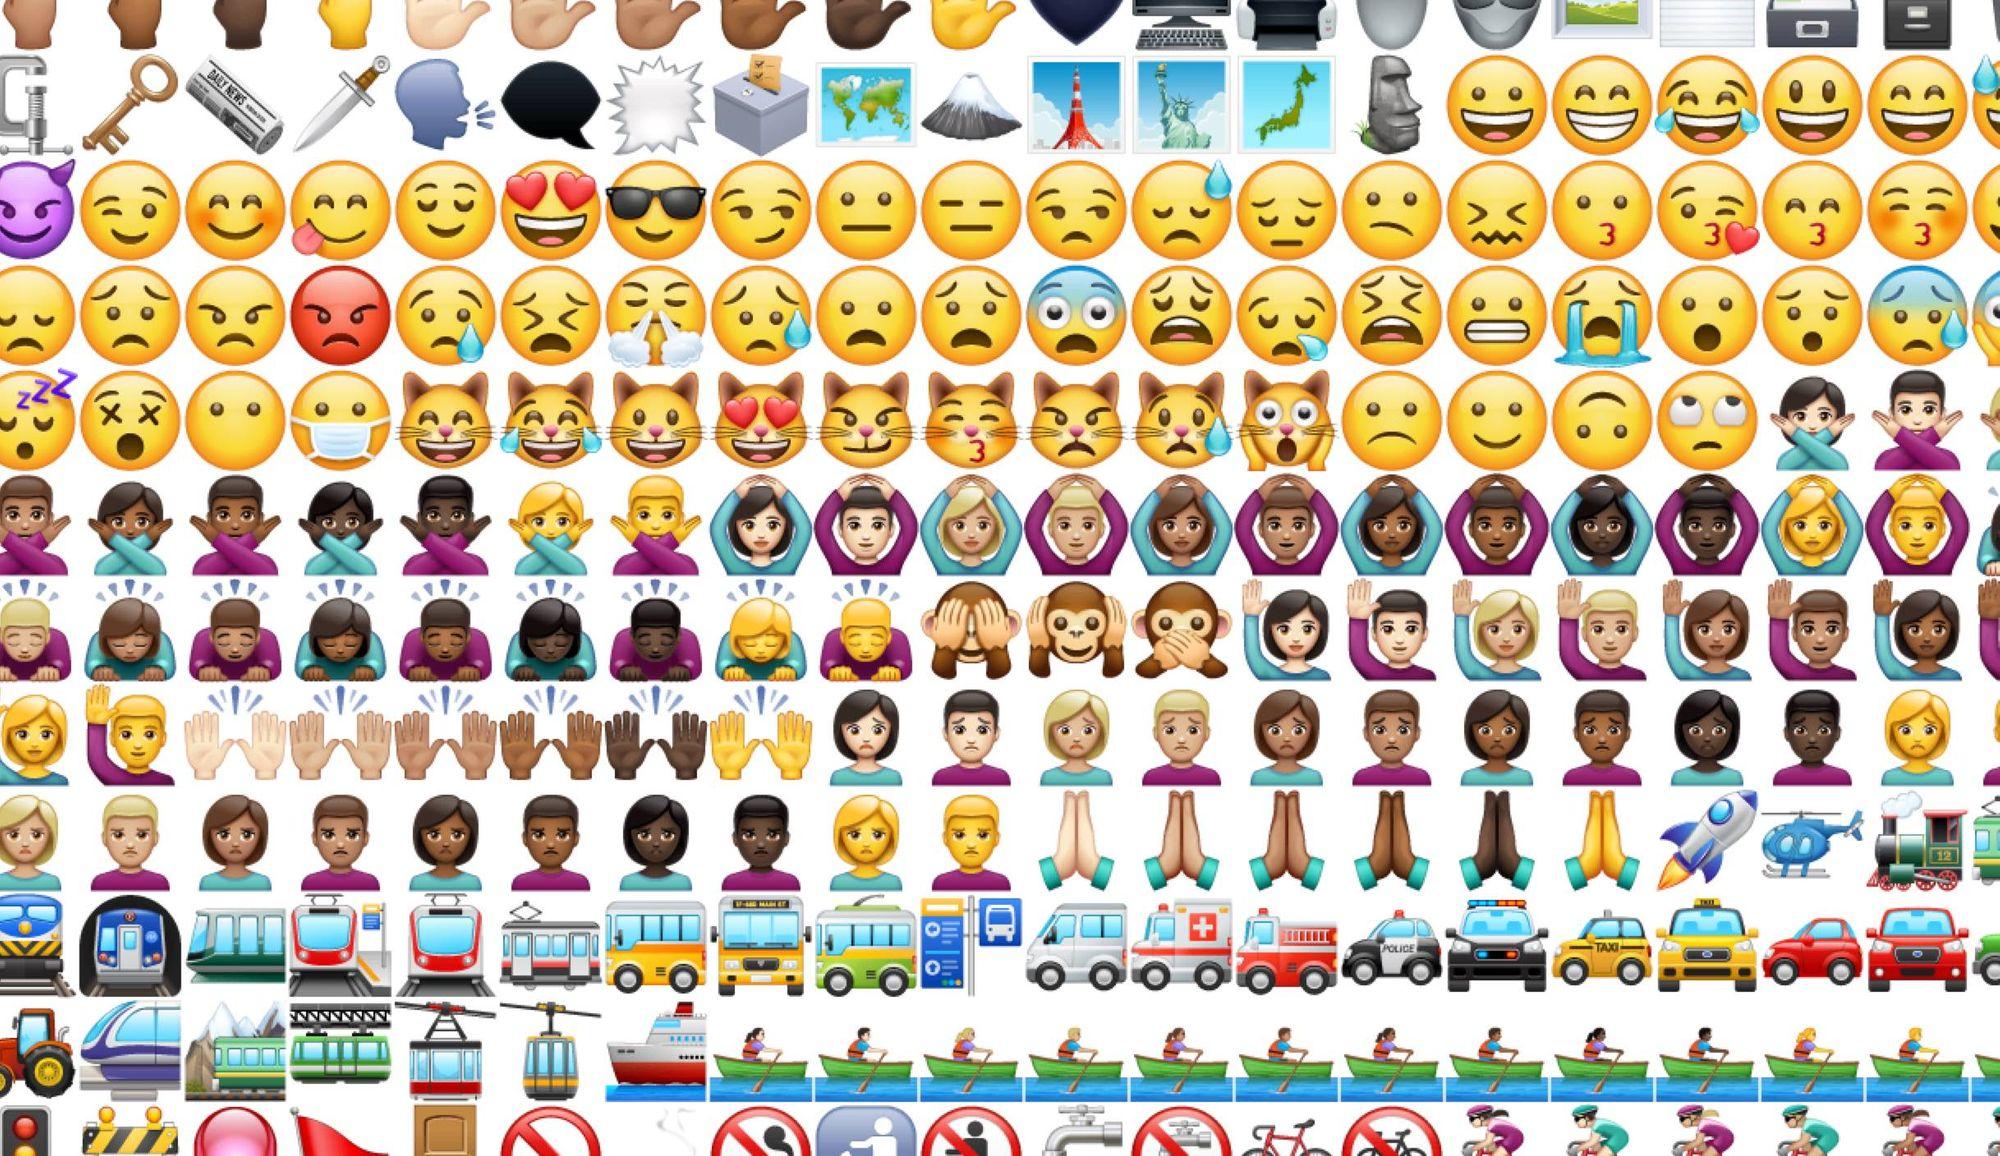 Menawarkan-Banyak-Emoji